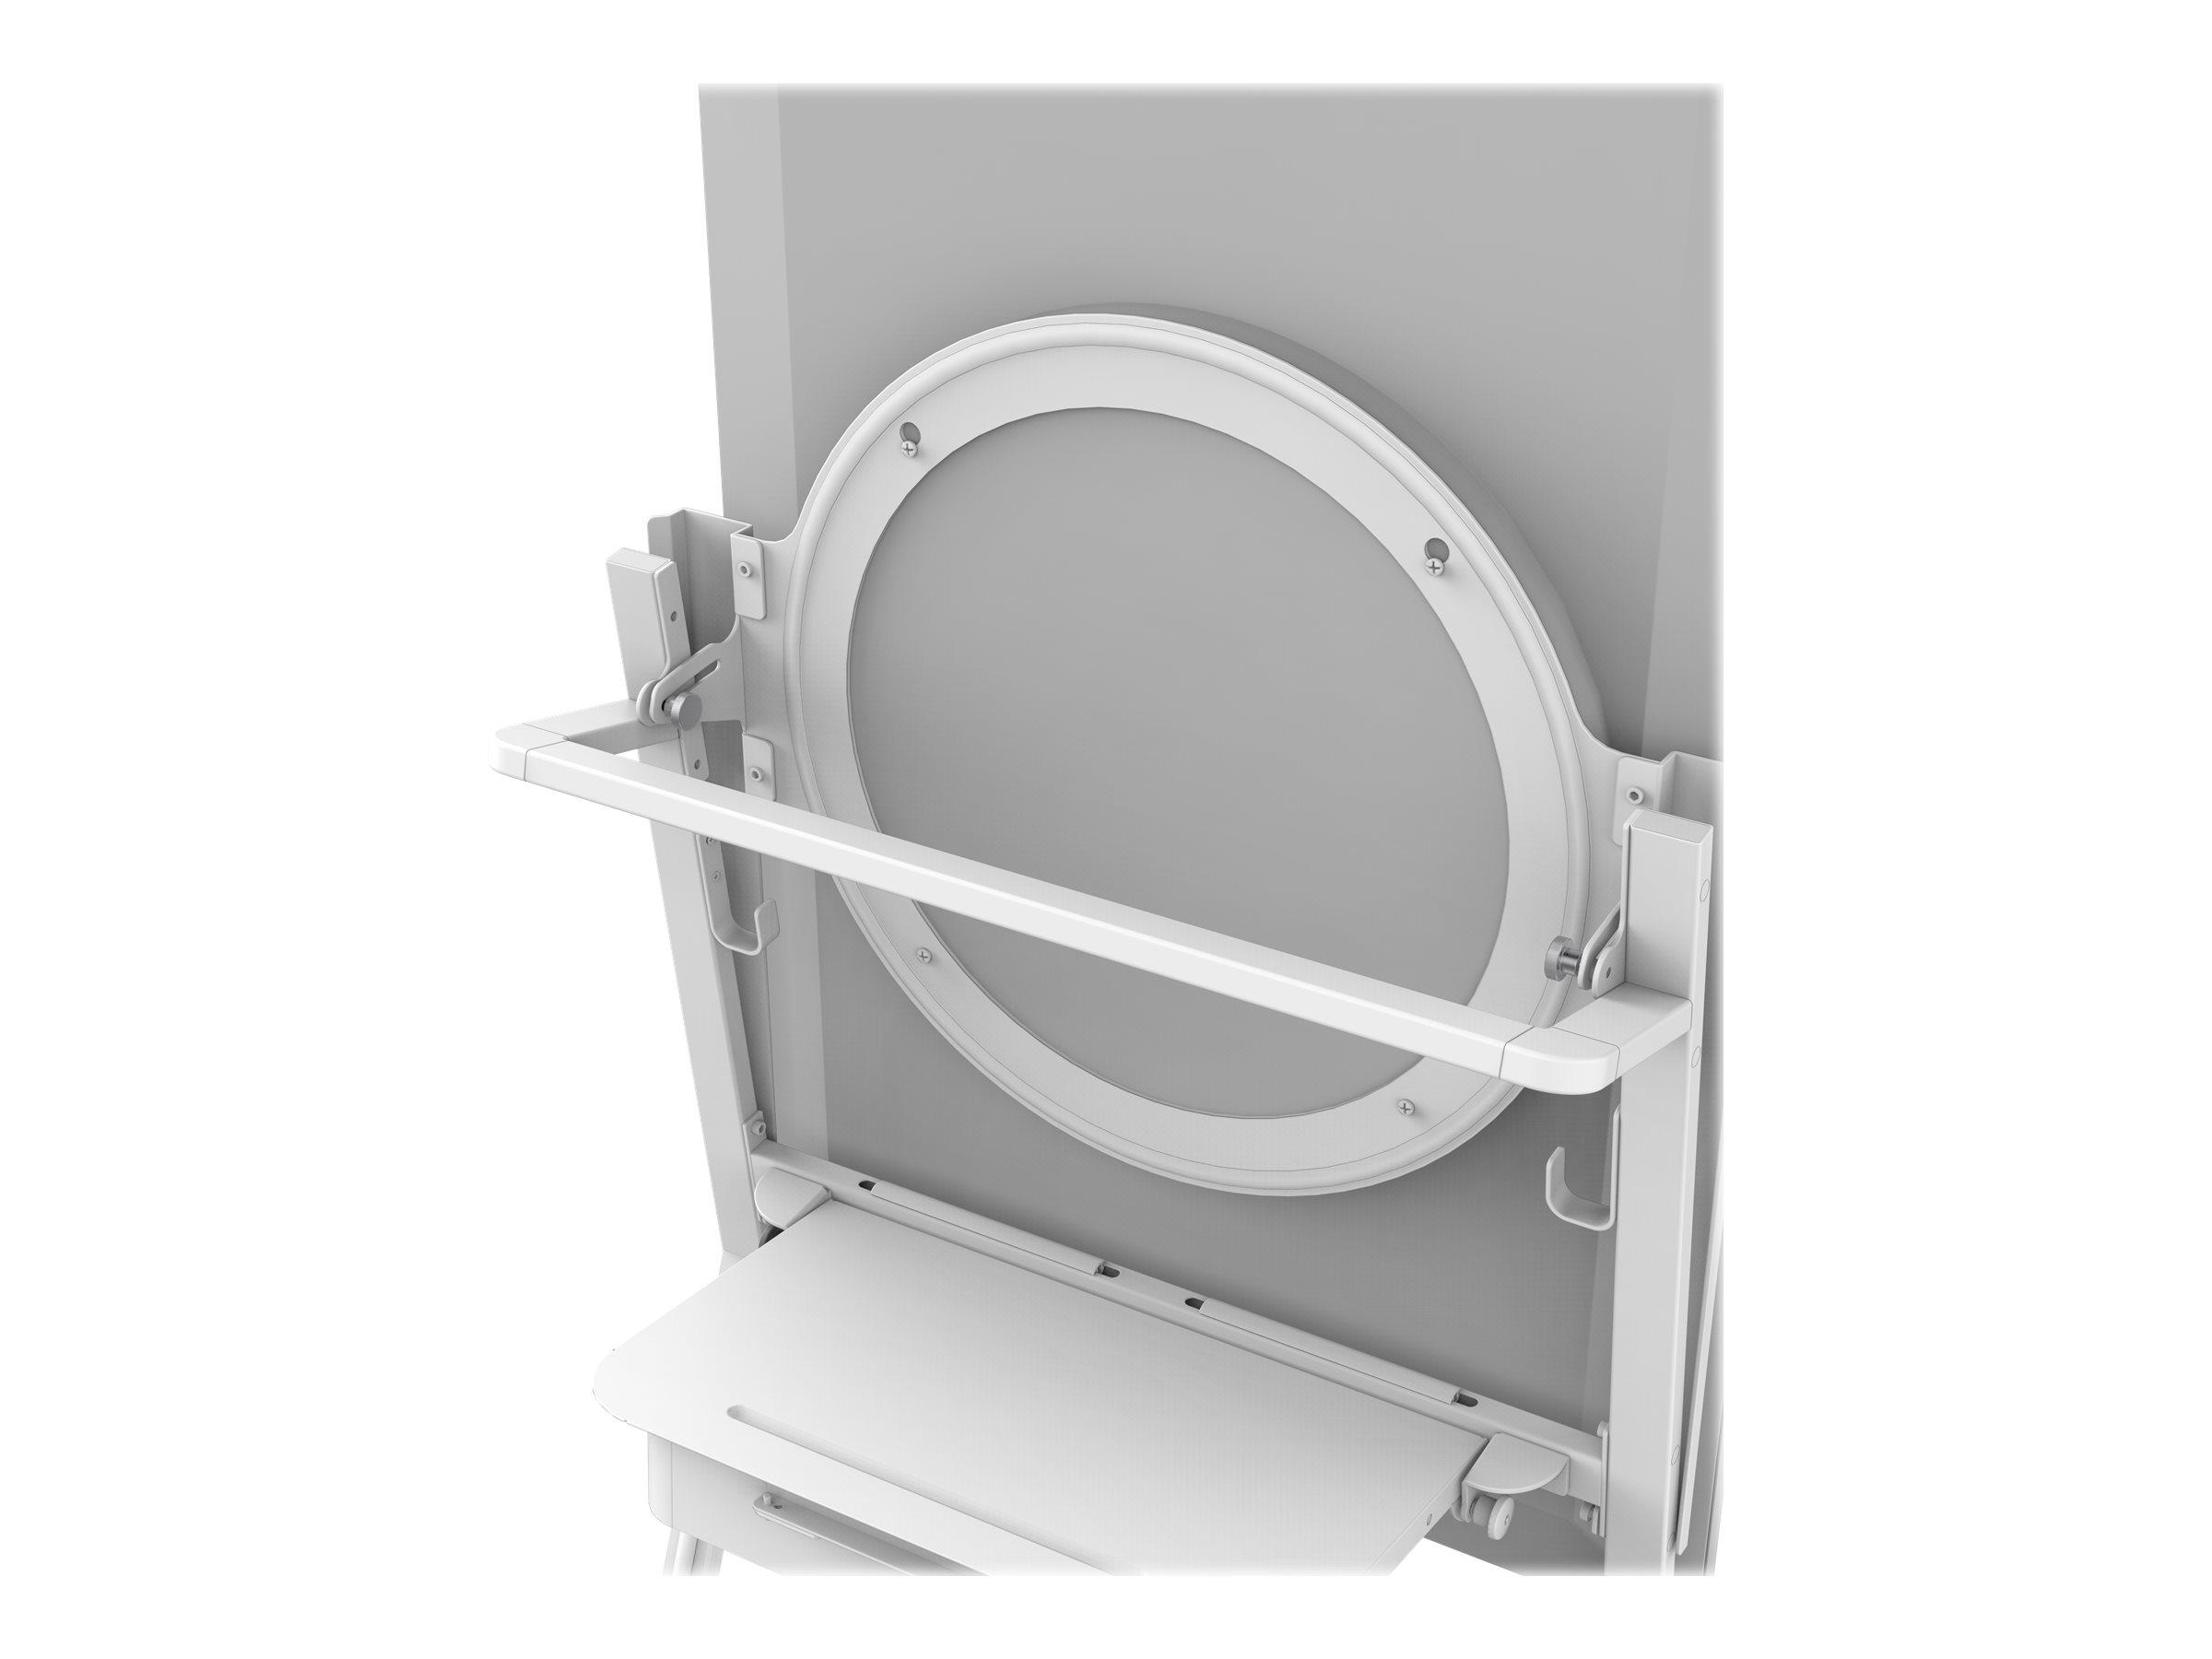 Vision VFM-F10 Halo - Montagekomponente (Halter) für interaktives Whiteboard - Stahl - weiss - Montageschnittstelle: 350 x 350 m